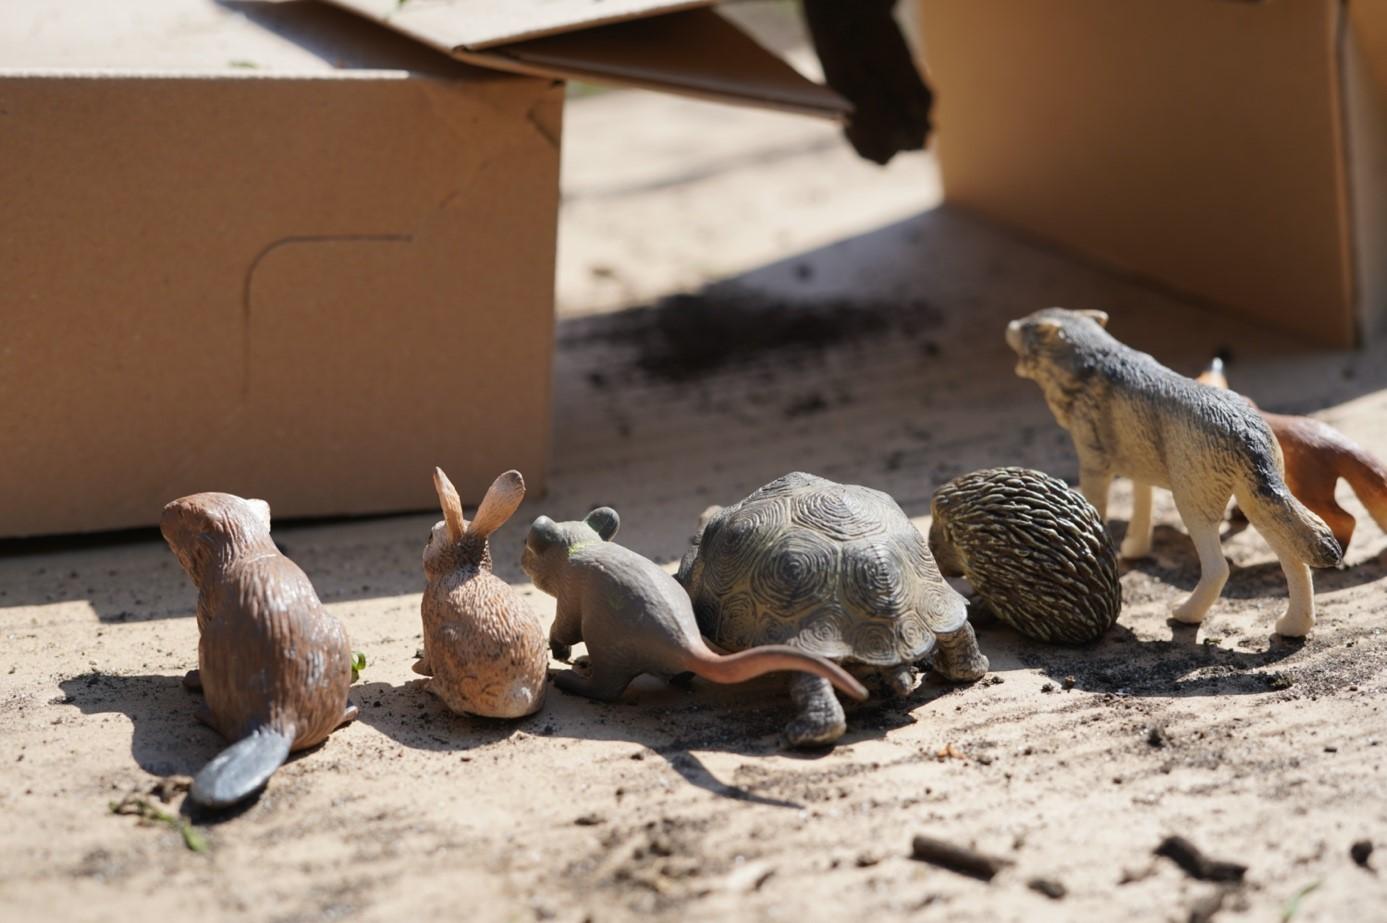 Sieben kleine Tierfiguren sind von hinten abgebildet: Ein Biber, ein Hase, ein Wolf und andere. Hinter ihnen stehen im Sand zwei Kartons.